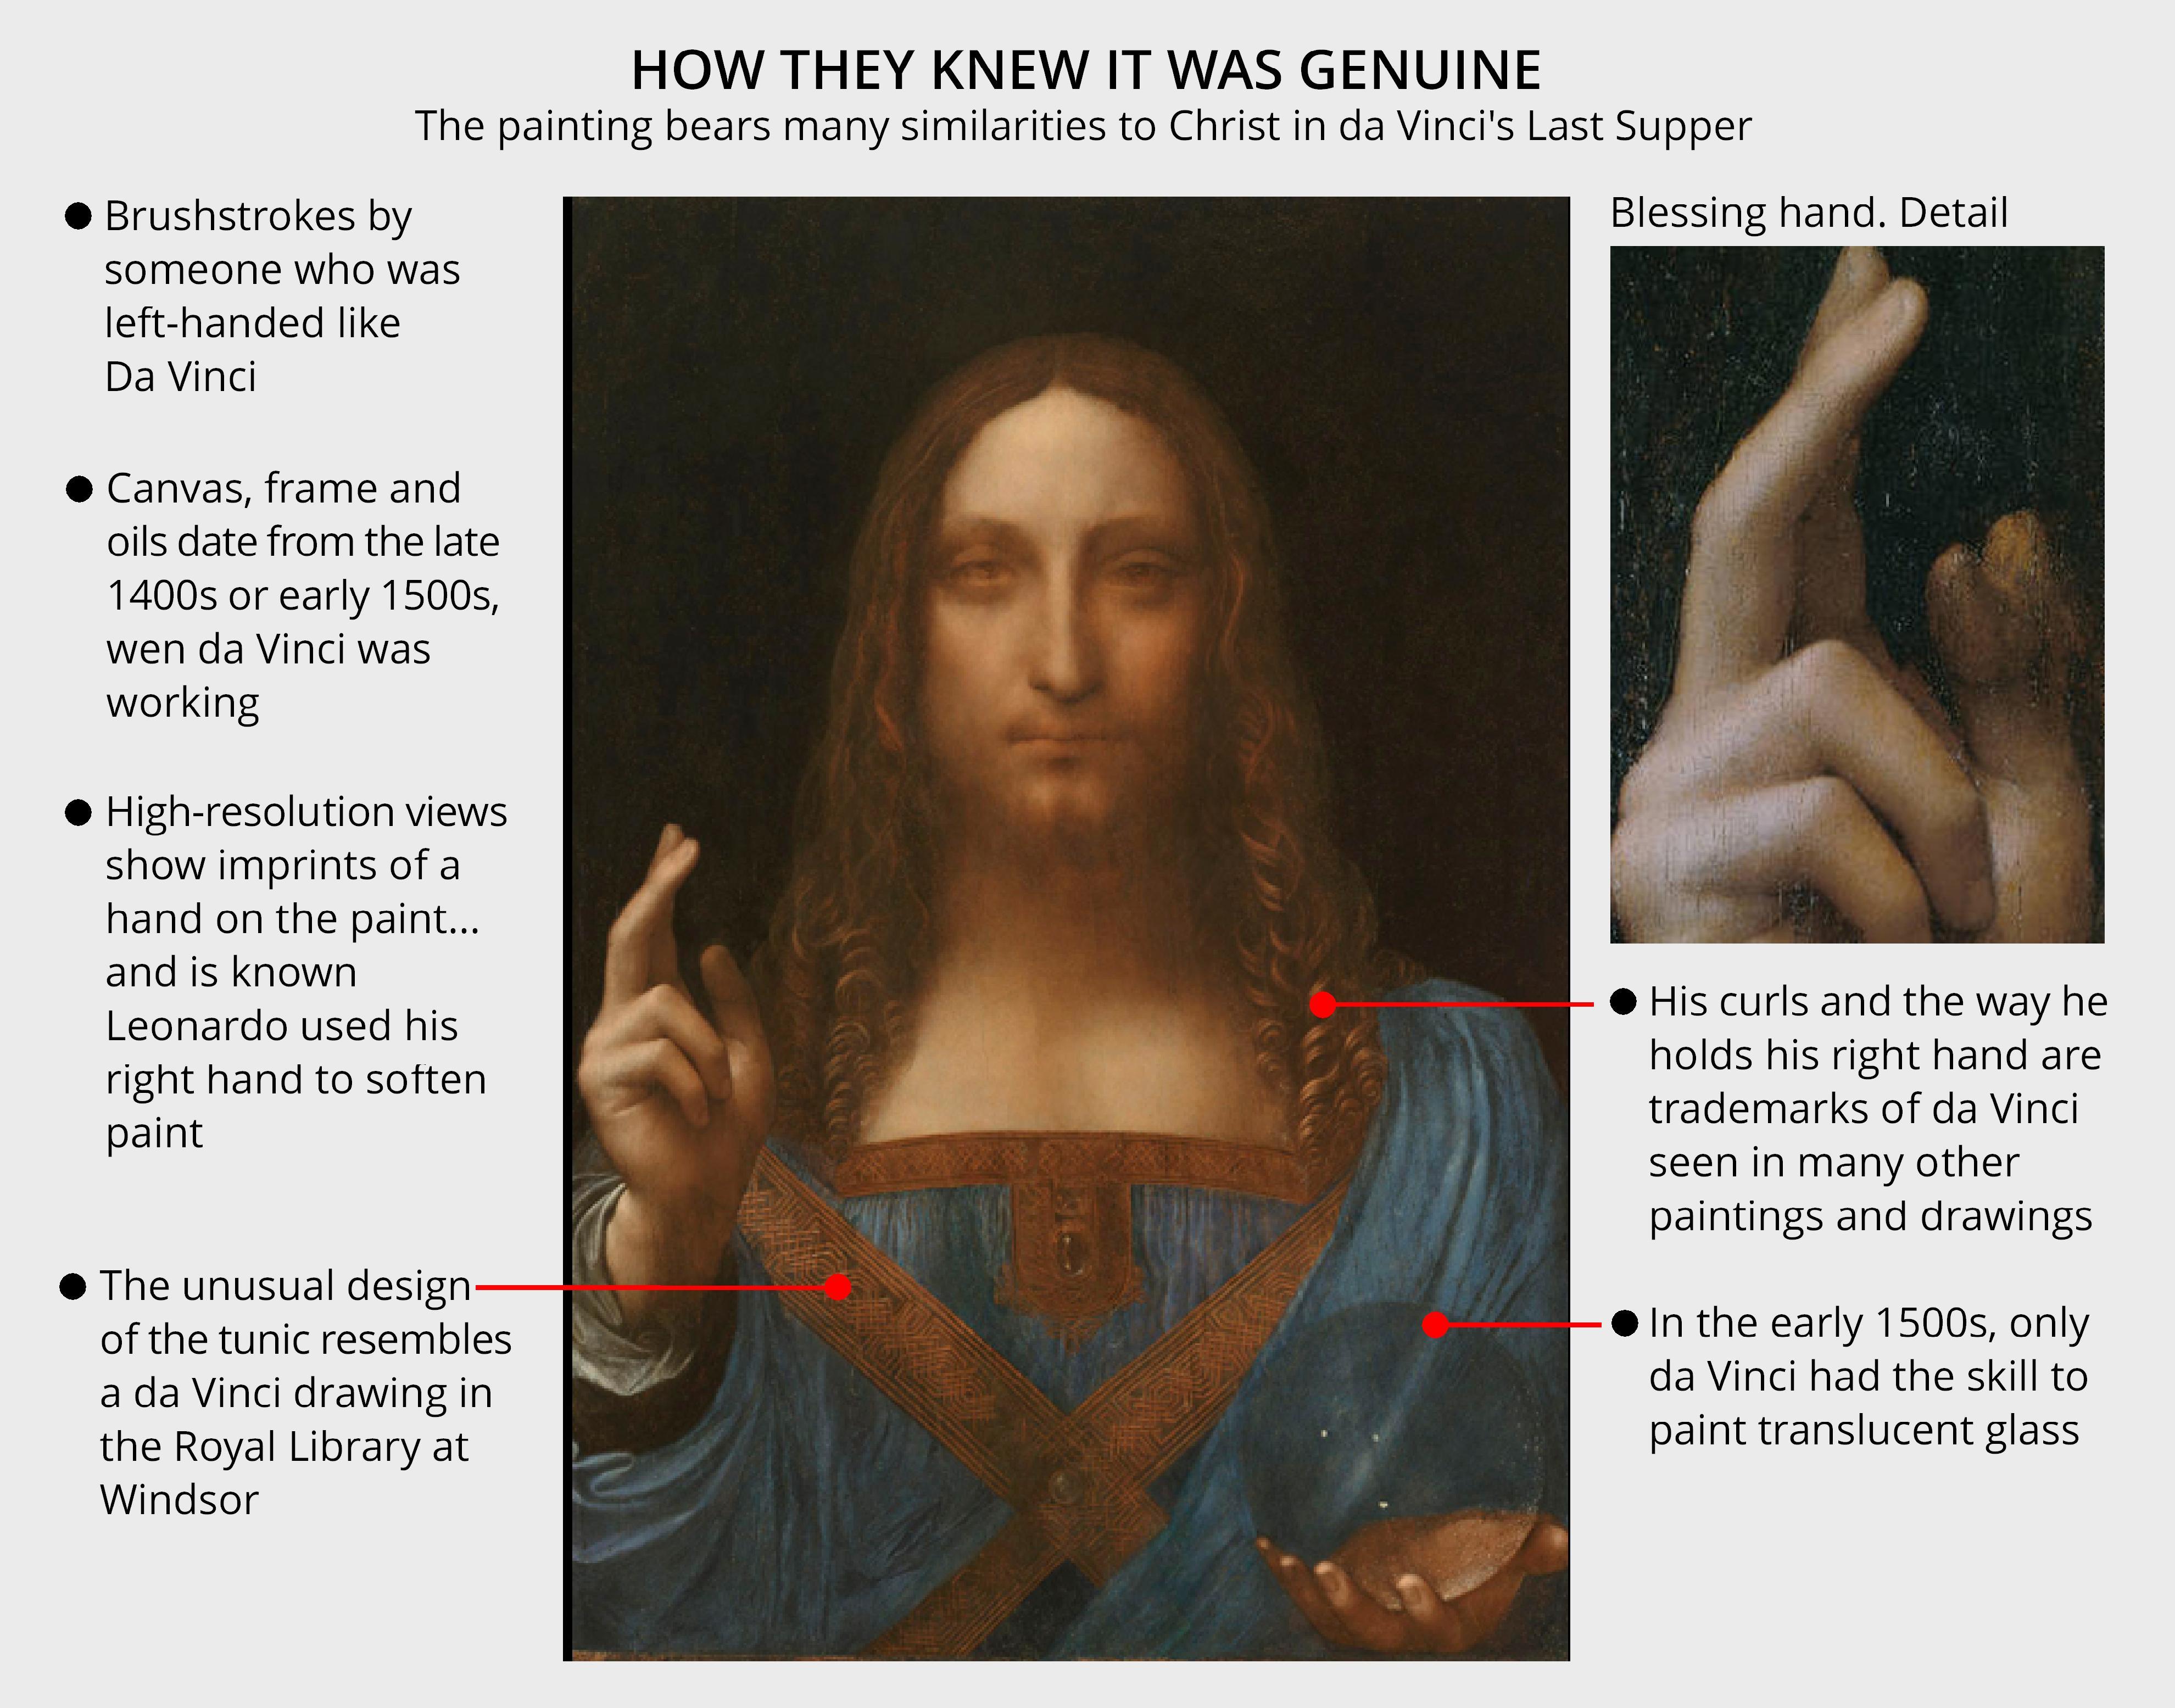 Salvator-Mundi-Leonardo-how they knew it was genuine